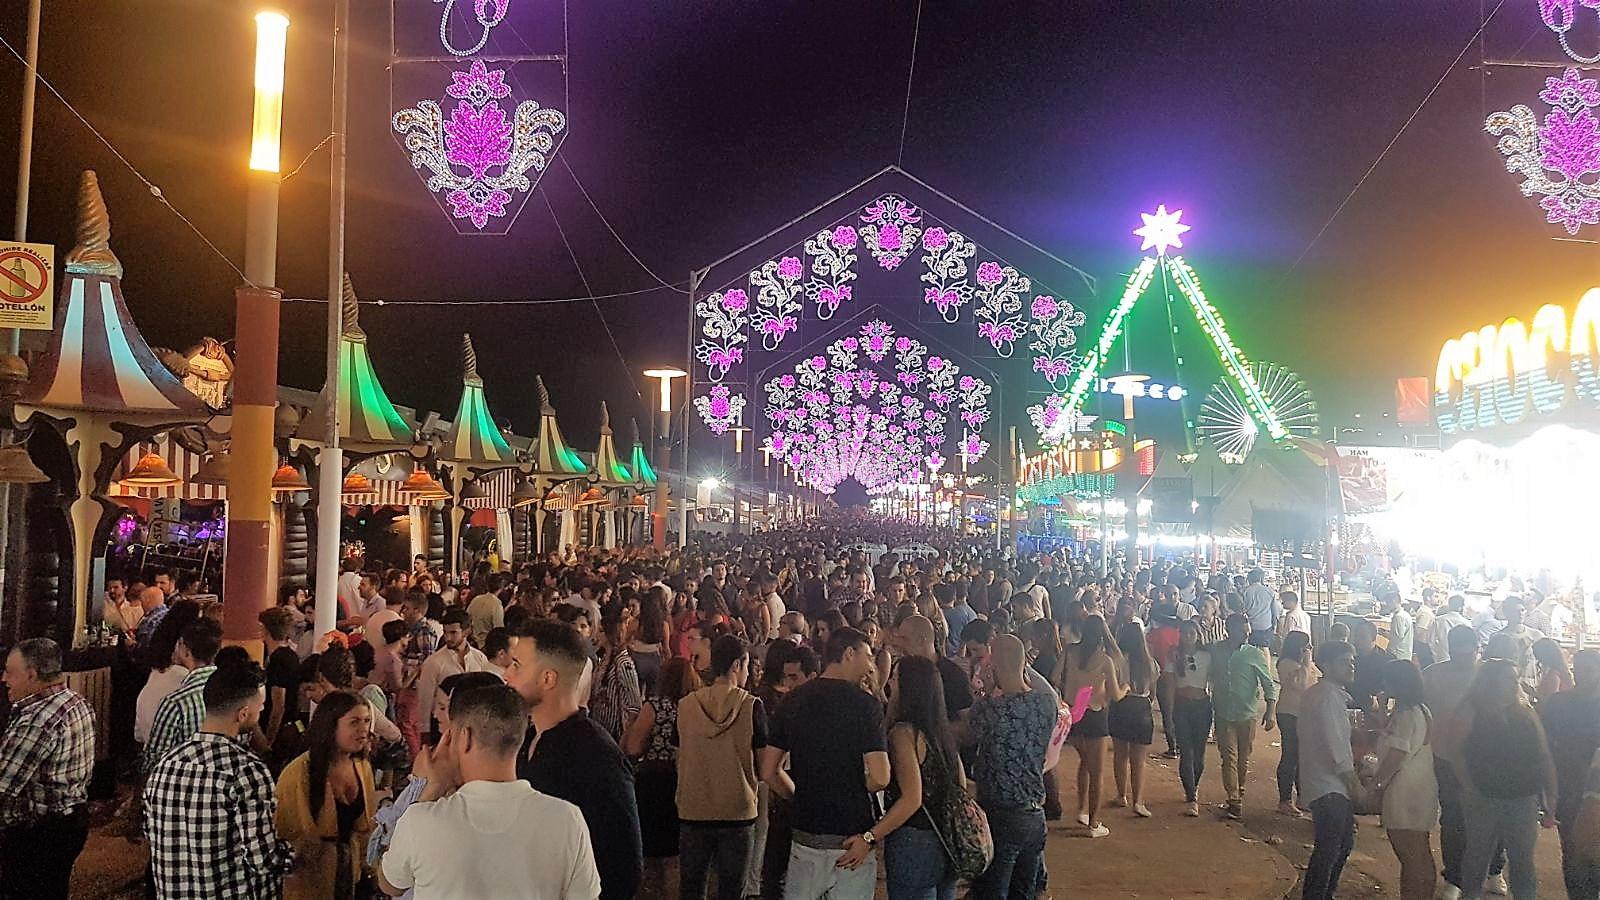 Feria y Fiestas San Lucas de Jaén, fiestas en la provicincia de jaen